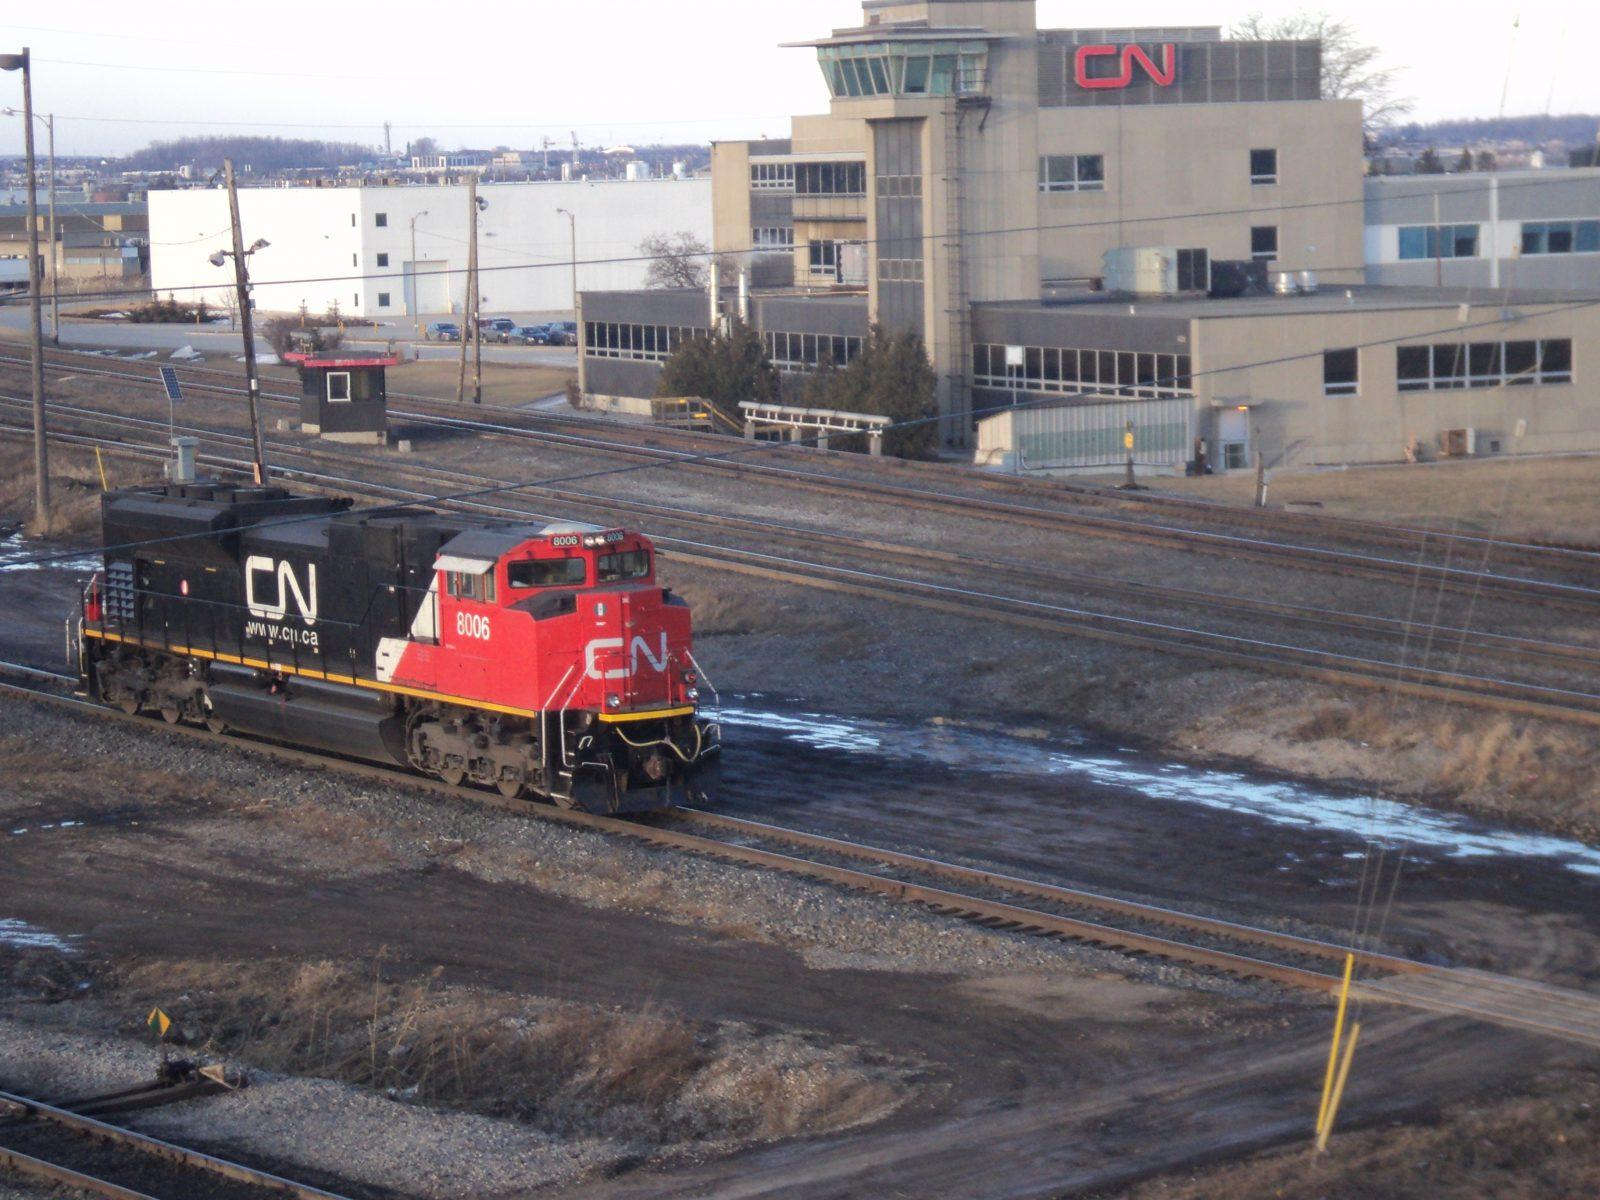 CN Rail strike over